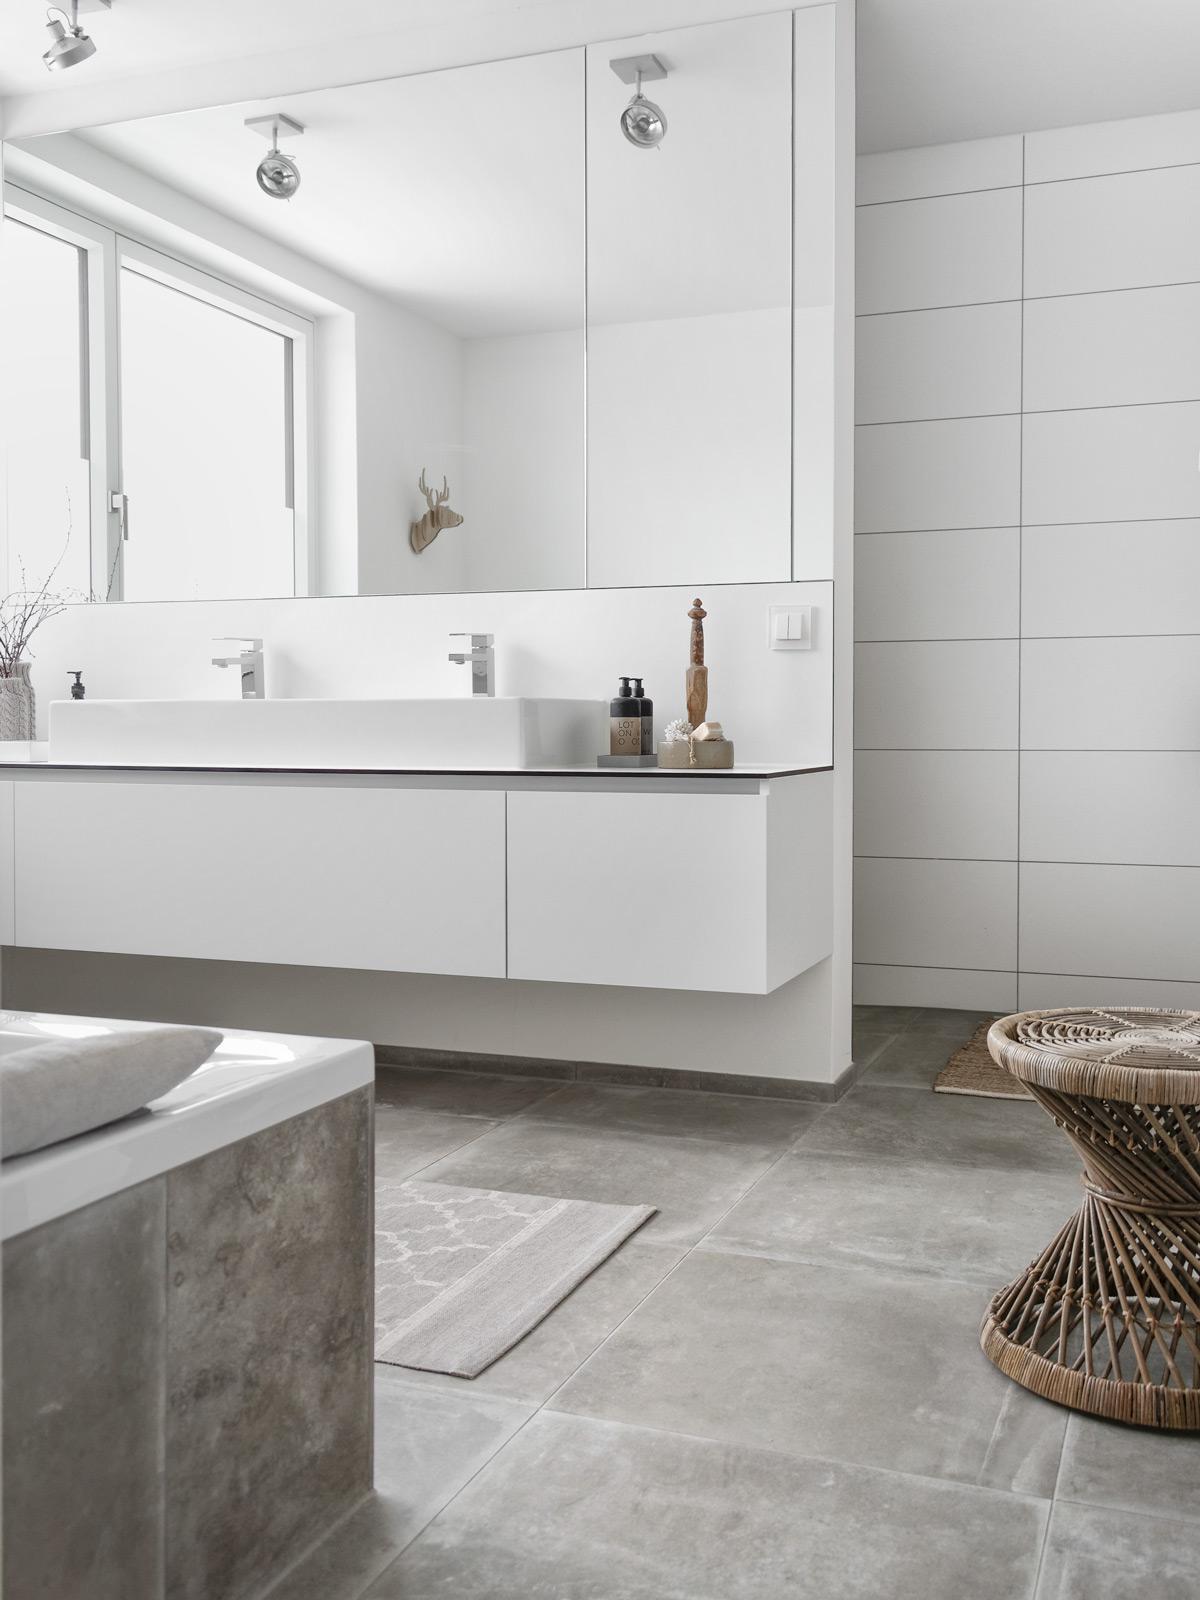 DEKORATION  Tipps fr ein aufgerumtes Badezimmer  mxliving